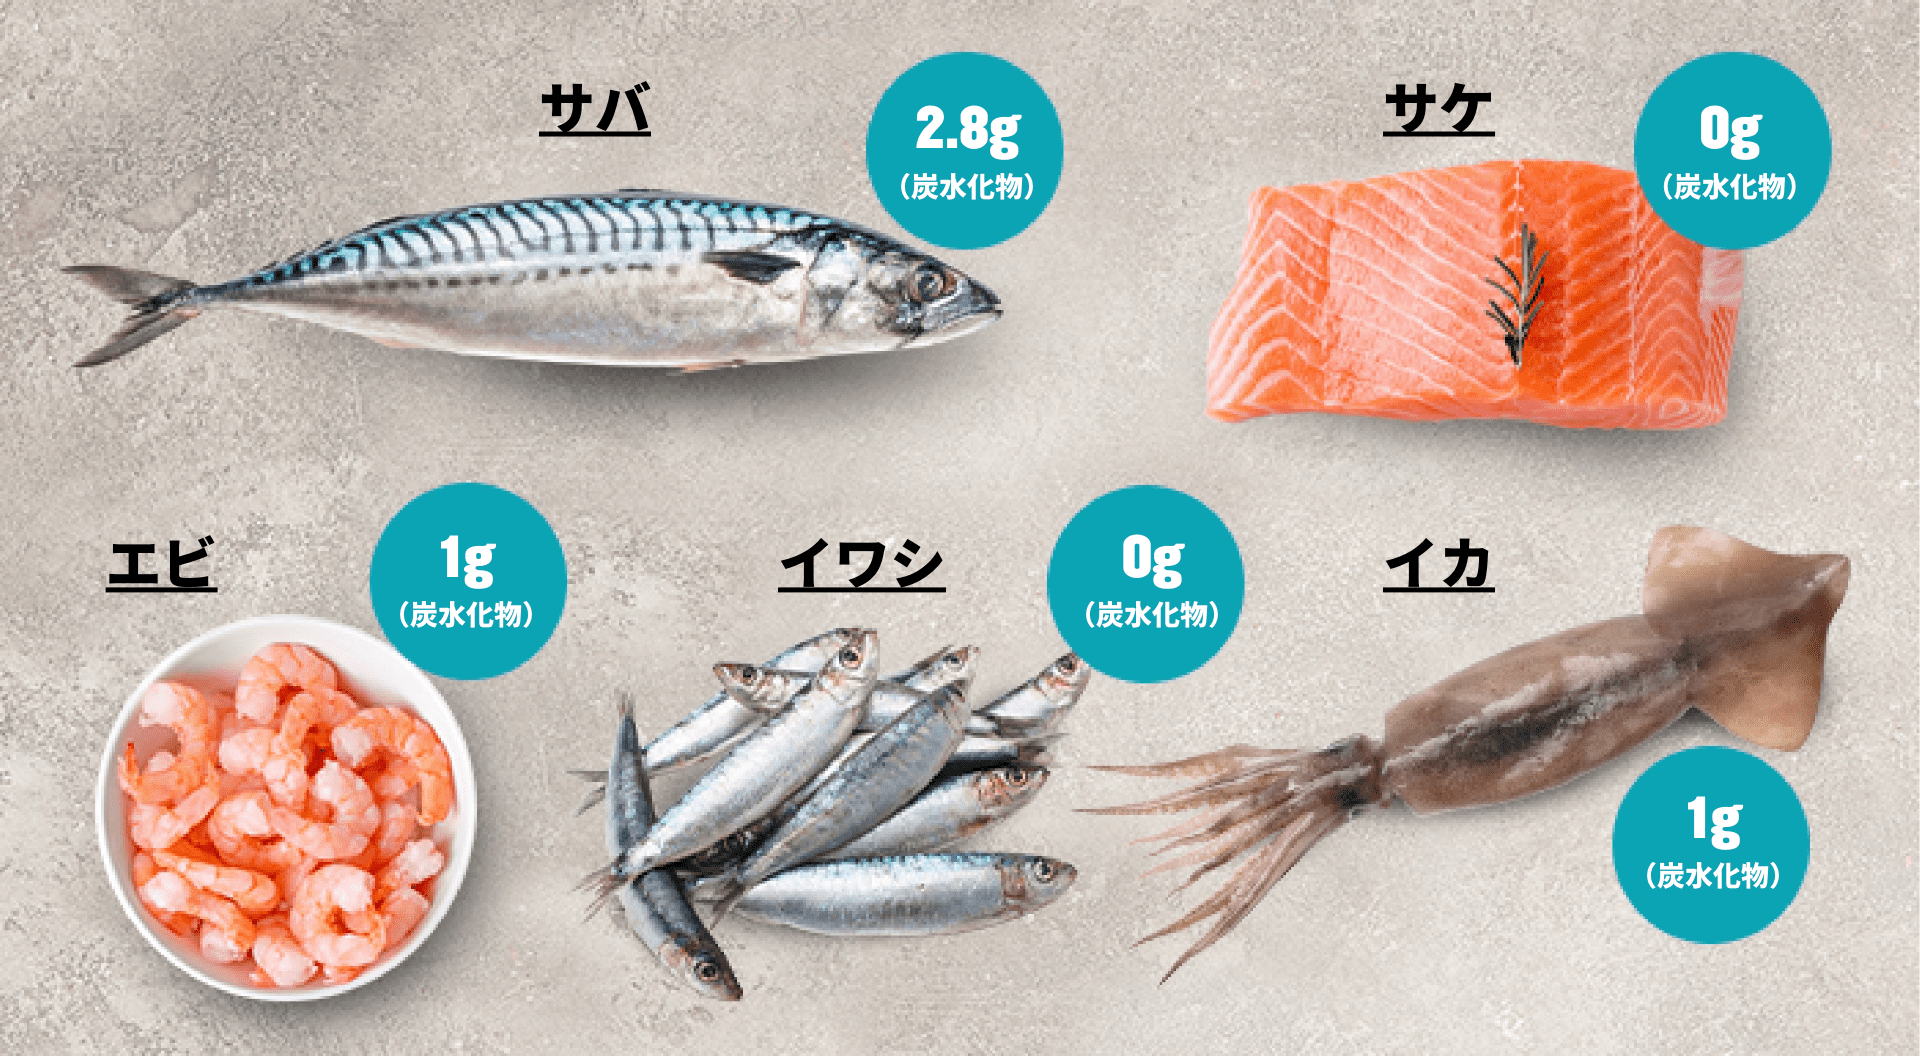 ケトジェニックダイエット 魚介類|マイプロテイン